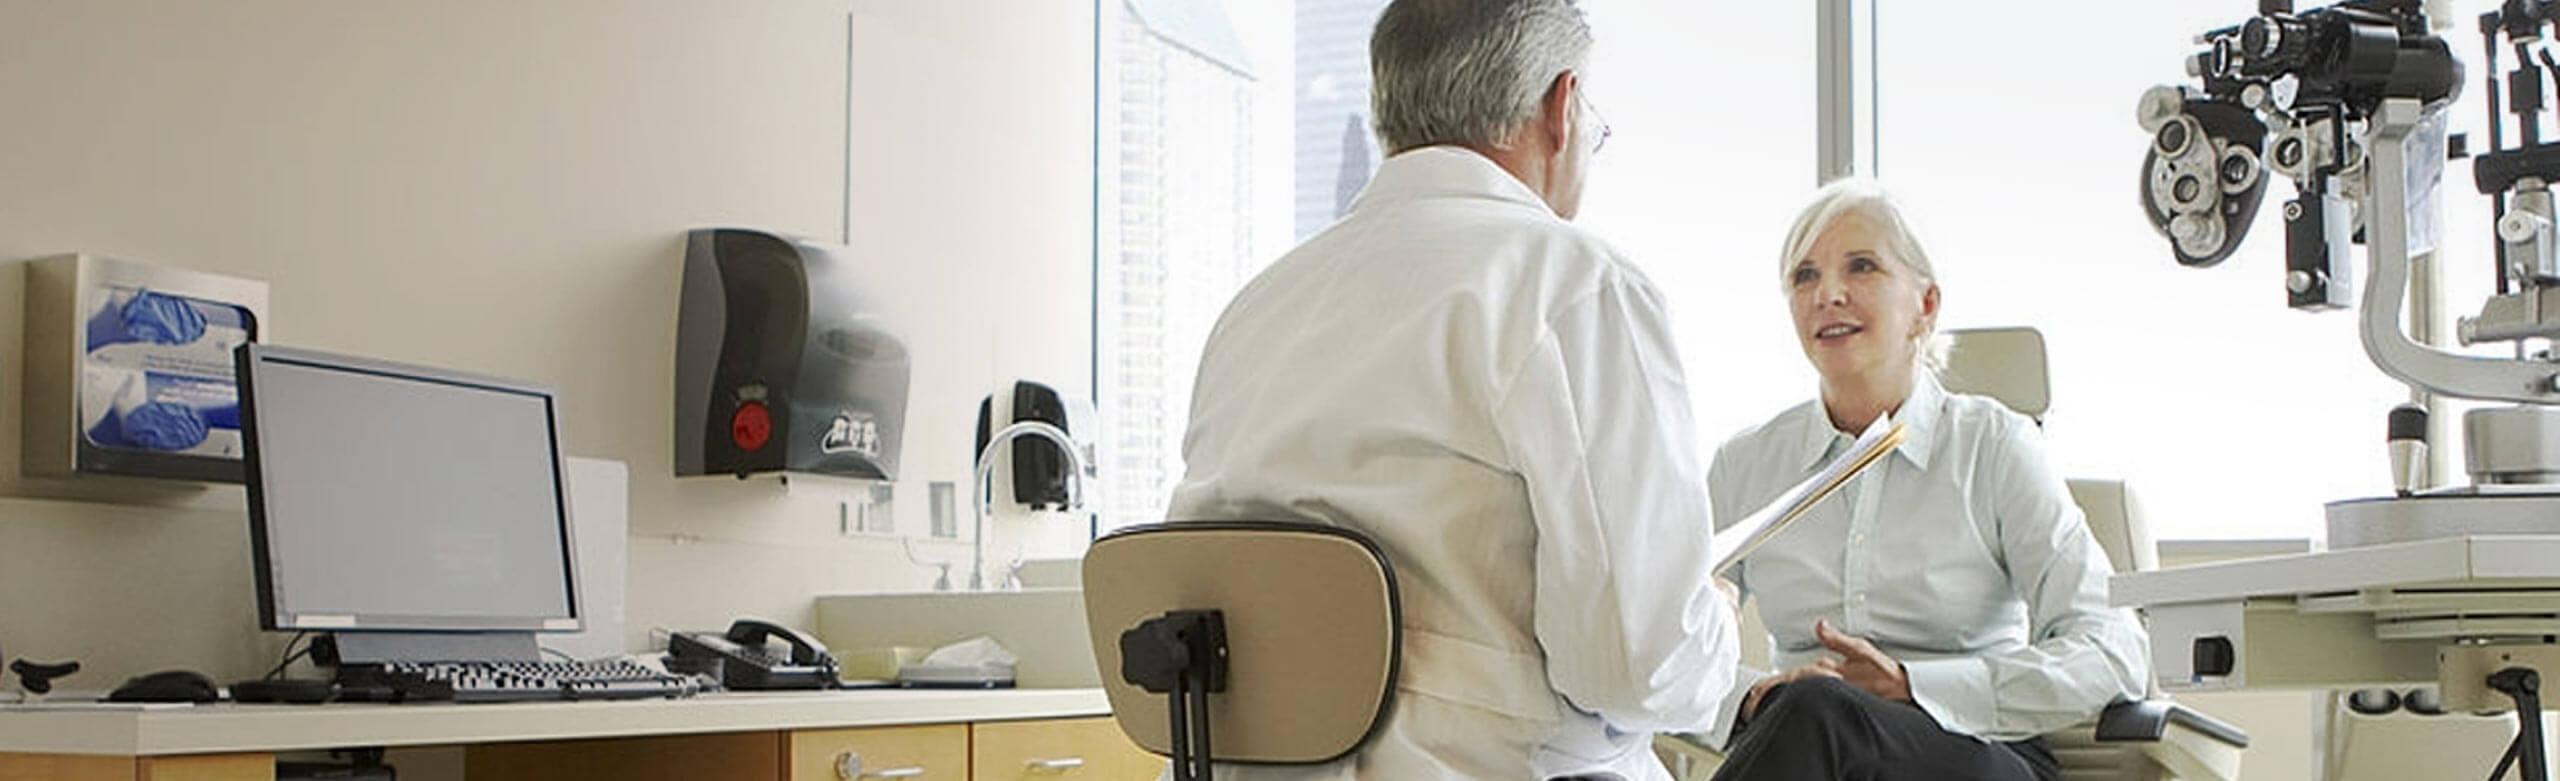 Oculista e paziente mentre parlano in un ambulatorio